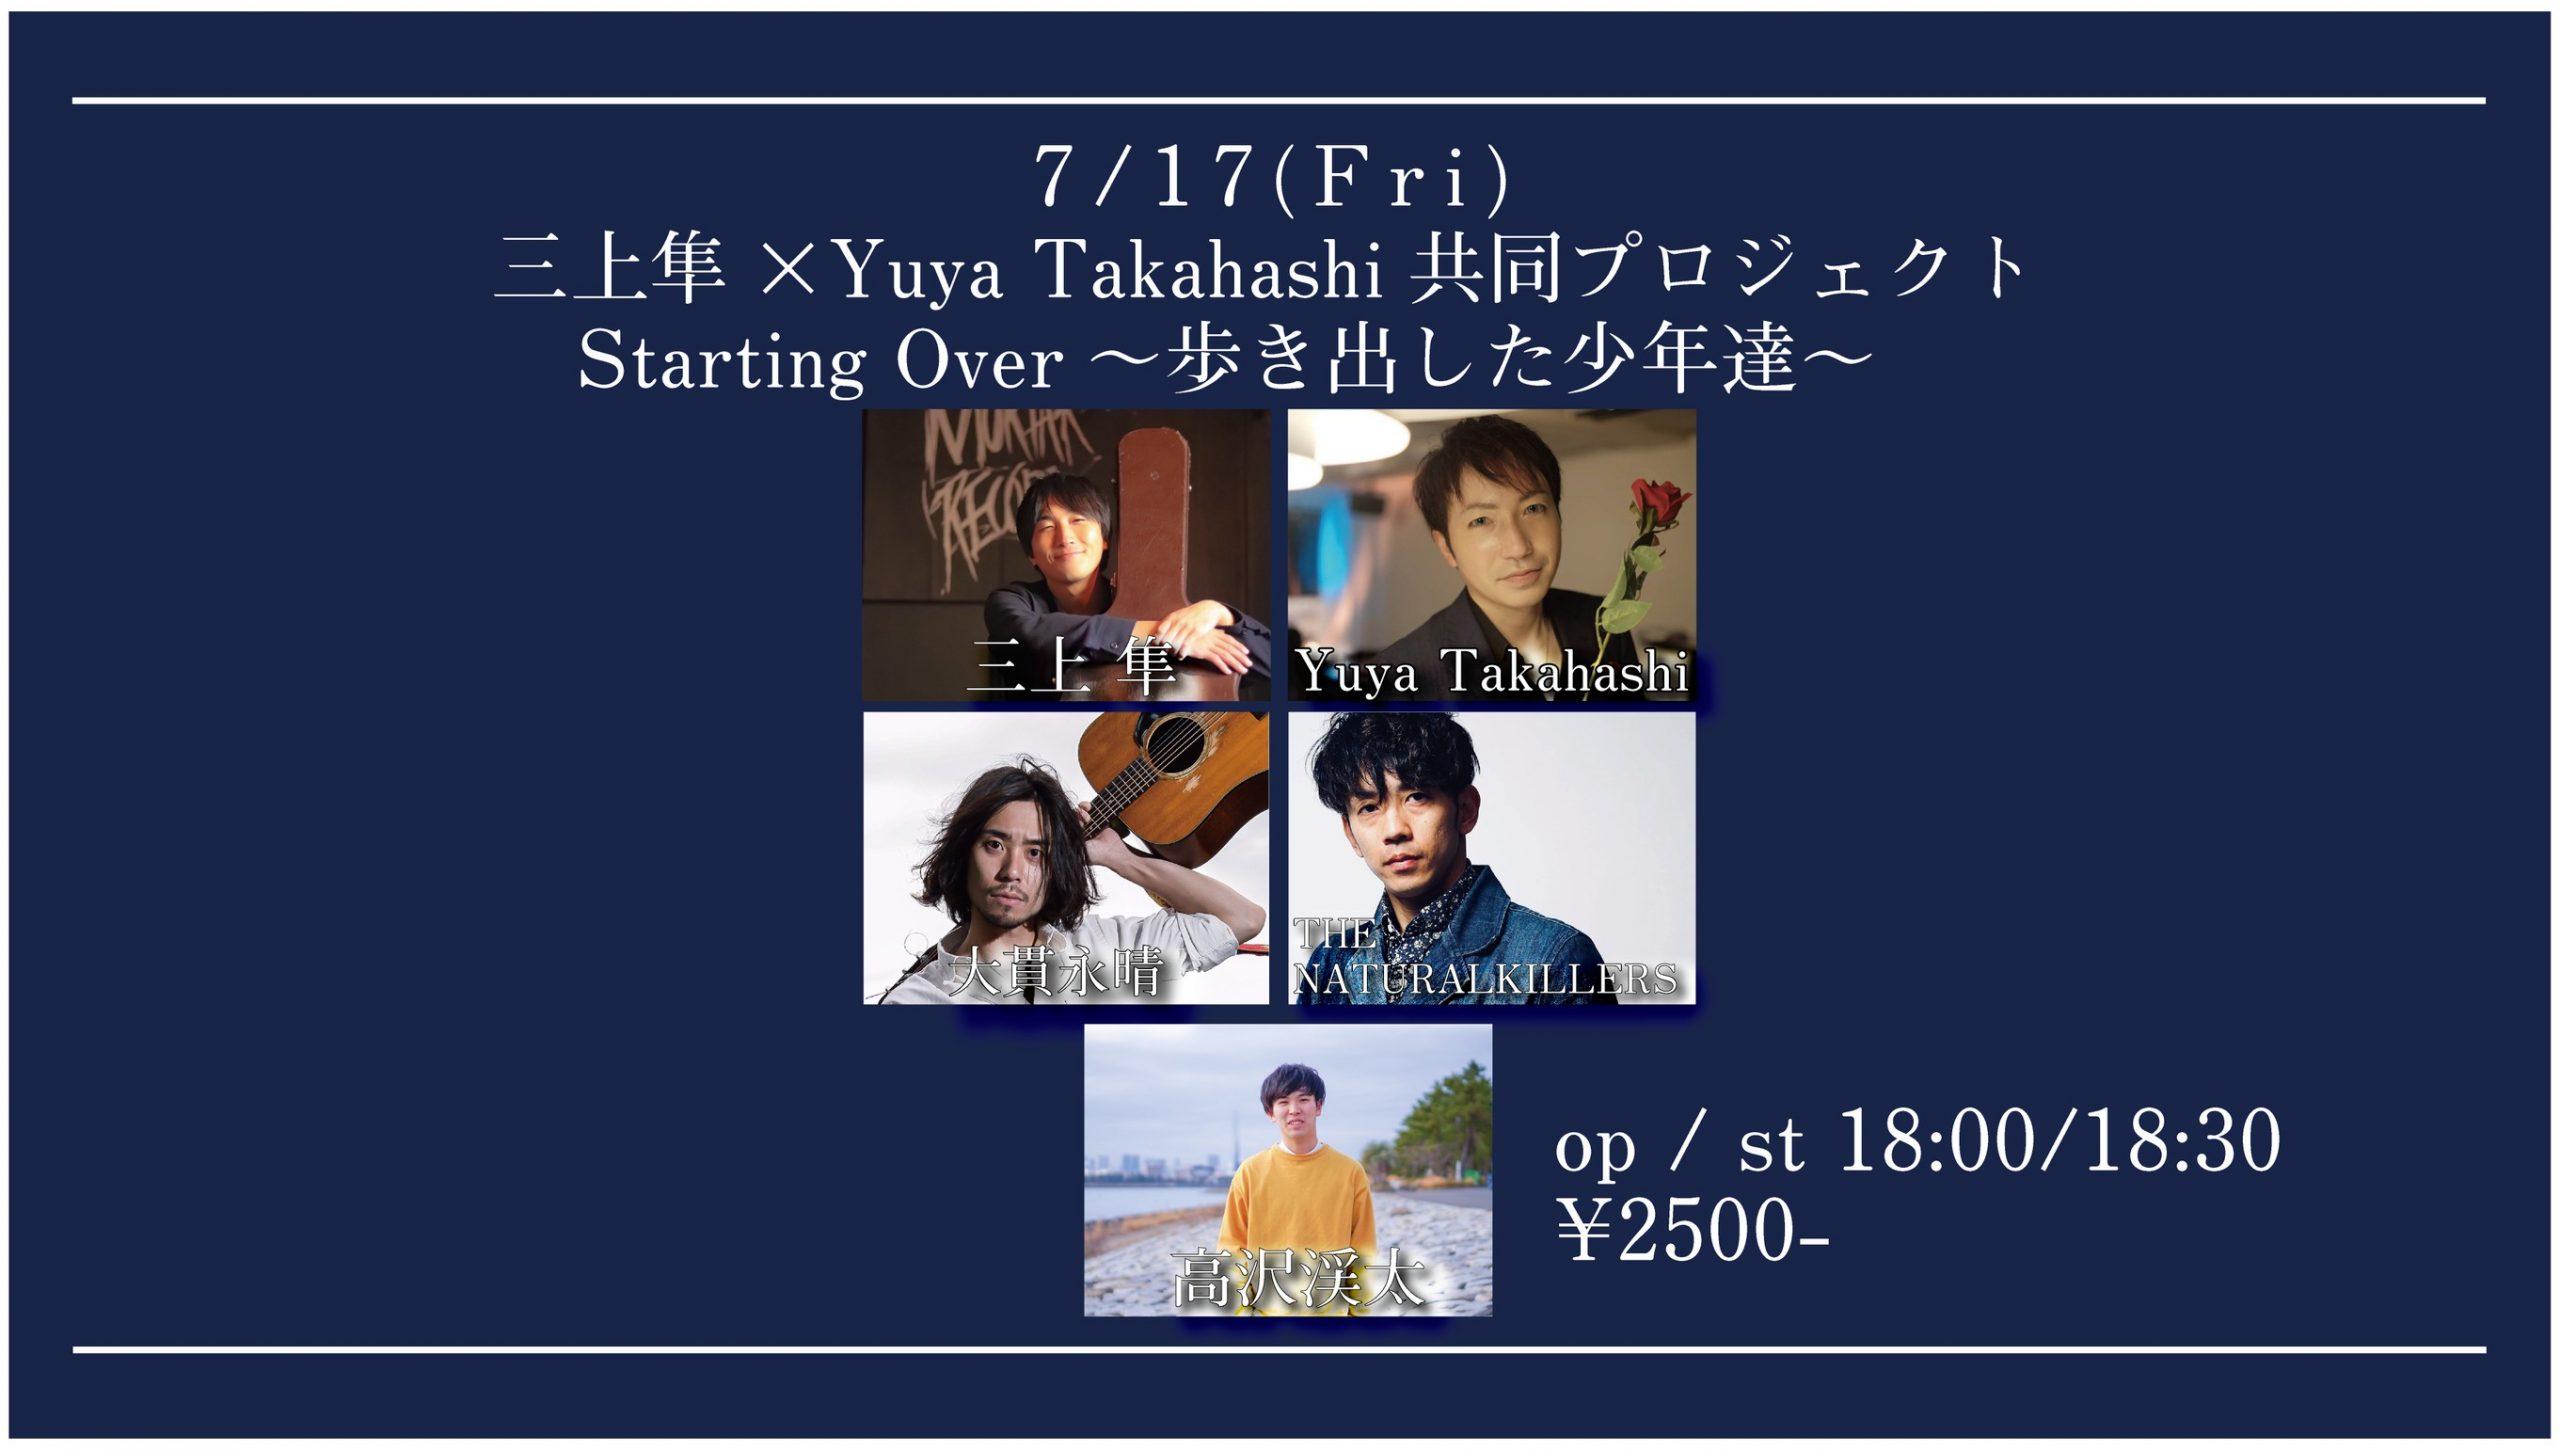 三上隼×Yuya Takahashi共同プロジェクト Starting Over〜歩き出した少年達〜